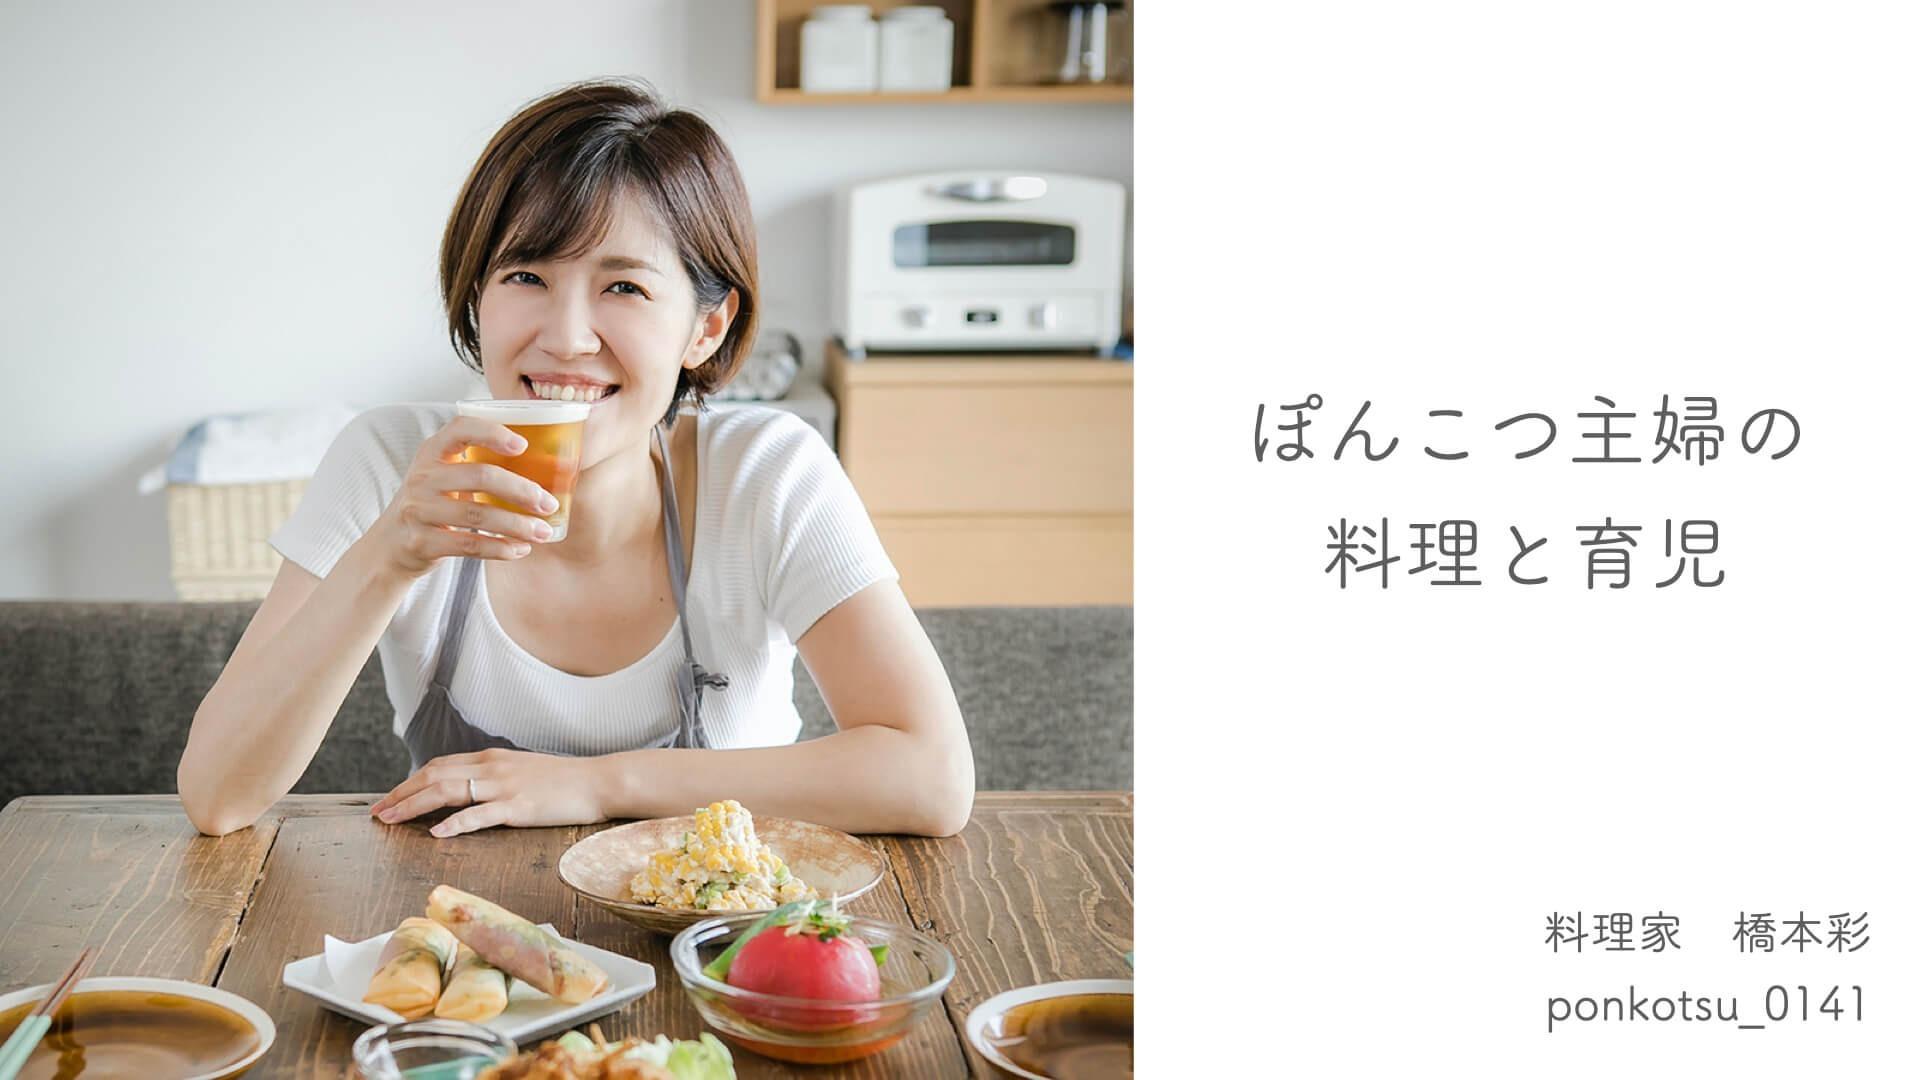 はしもとあや(ぽんこつ主婦) - ぽんこつ主婦の料理と育児 - DMM オンラインサロン